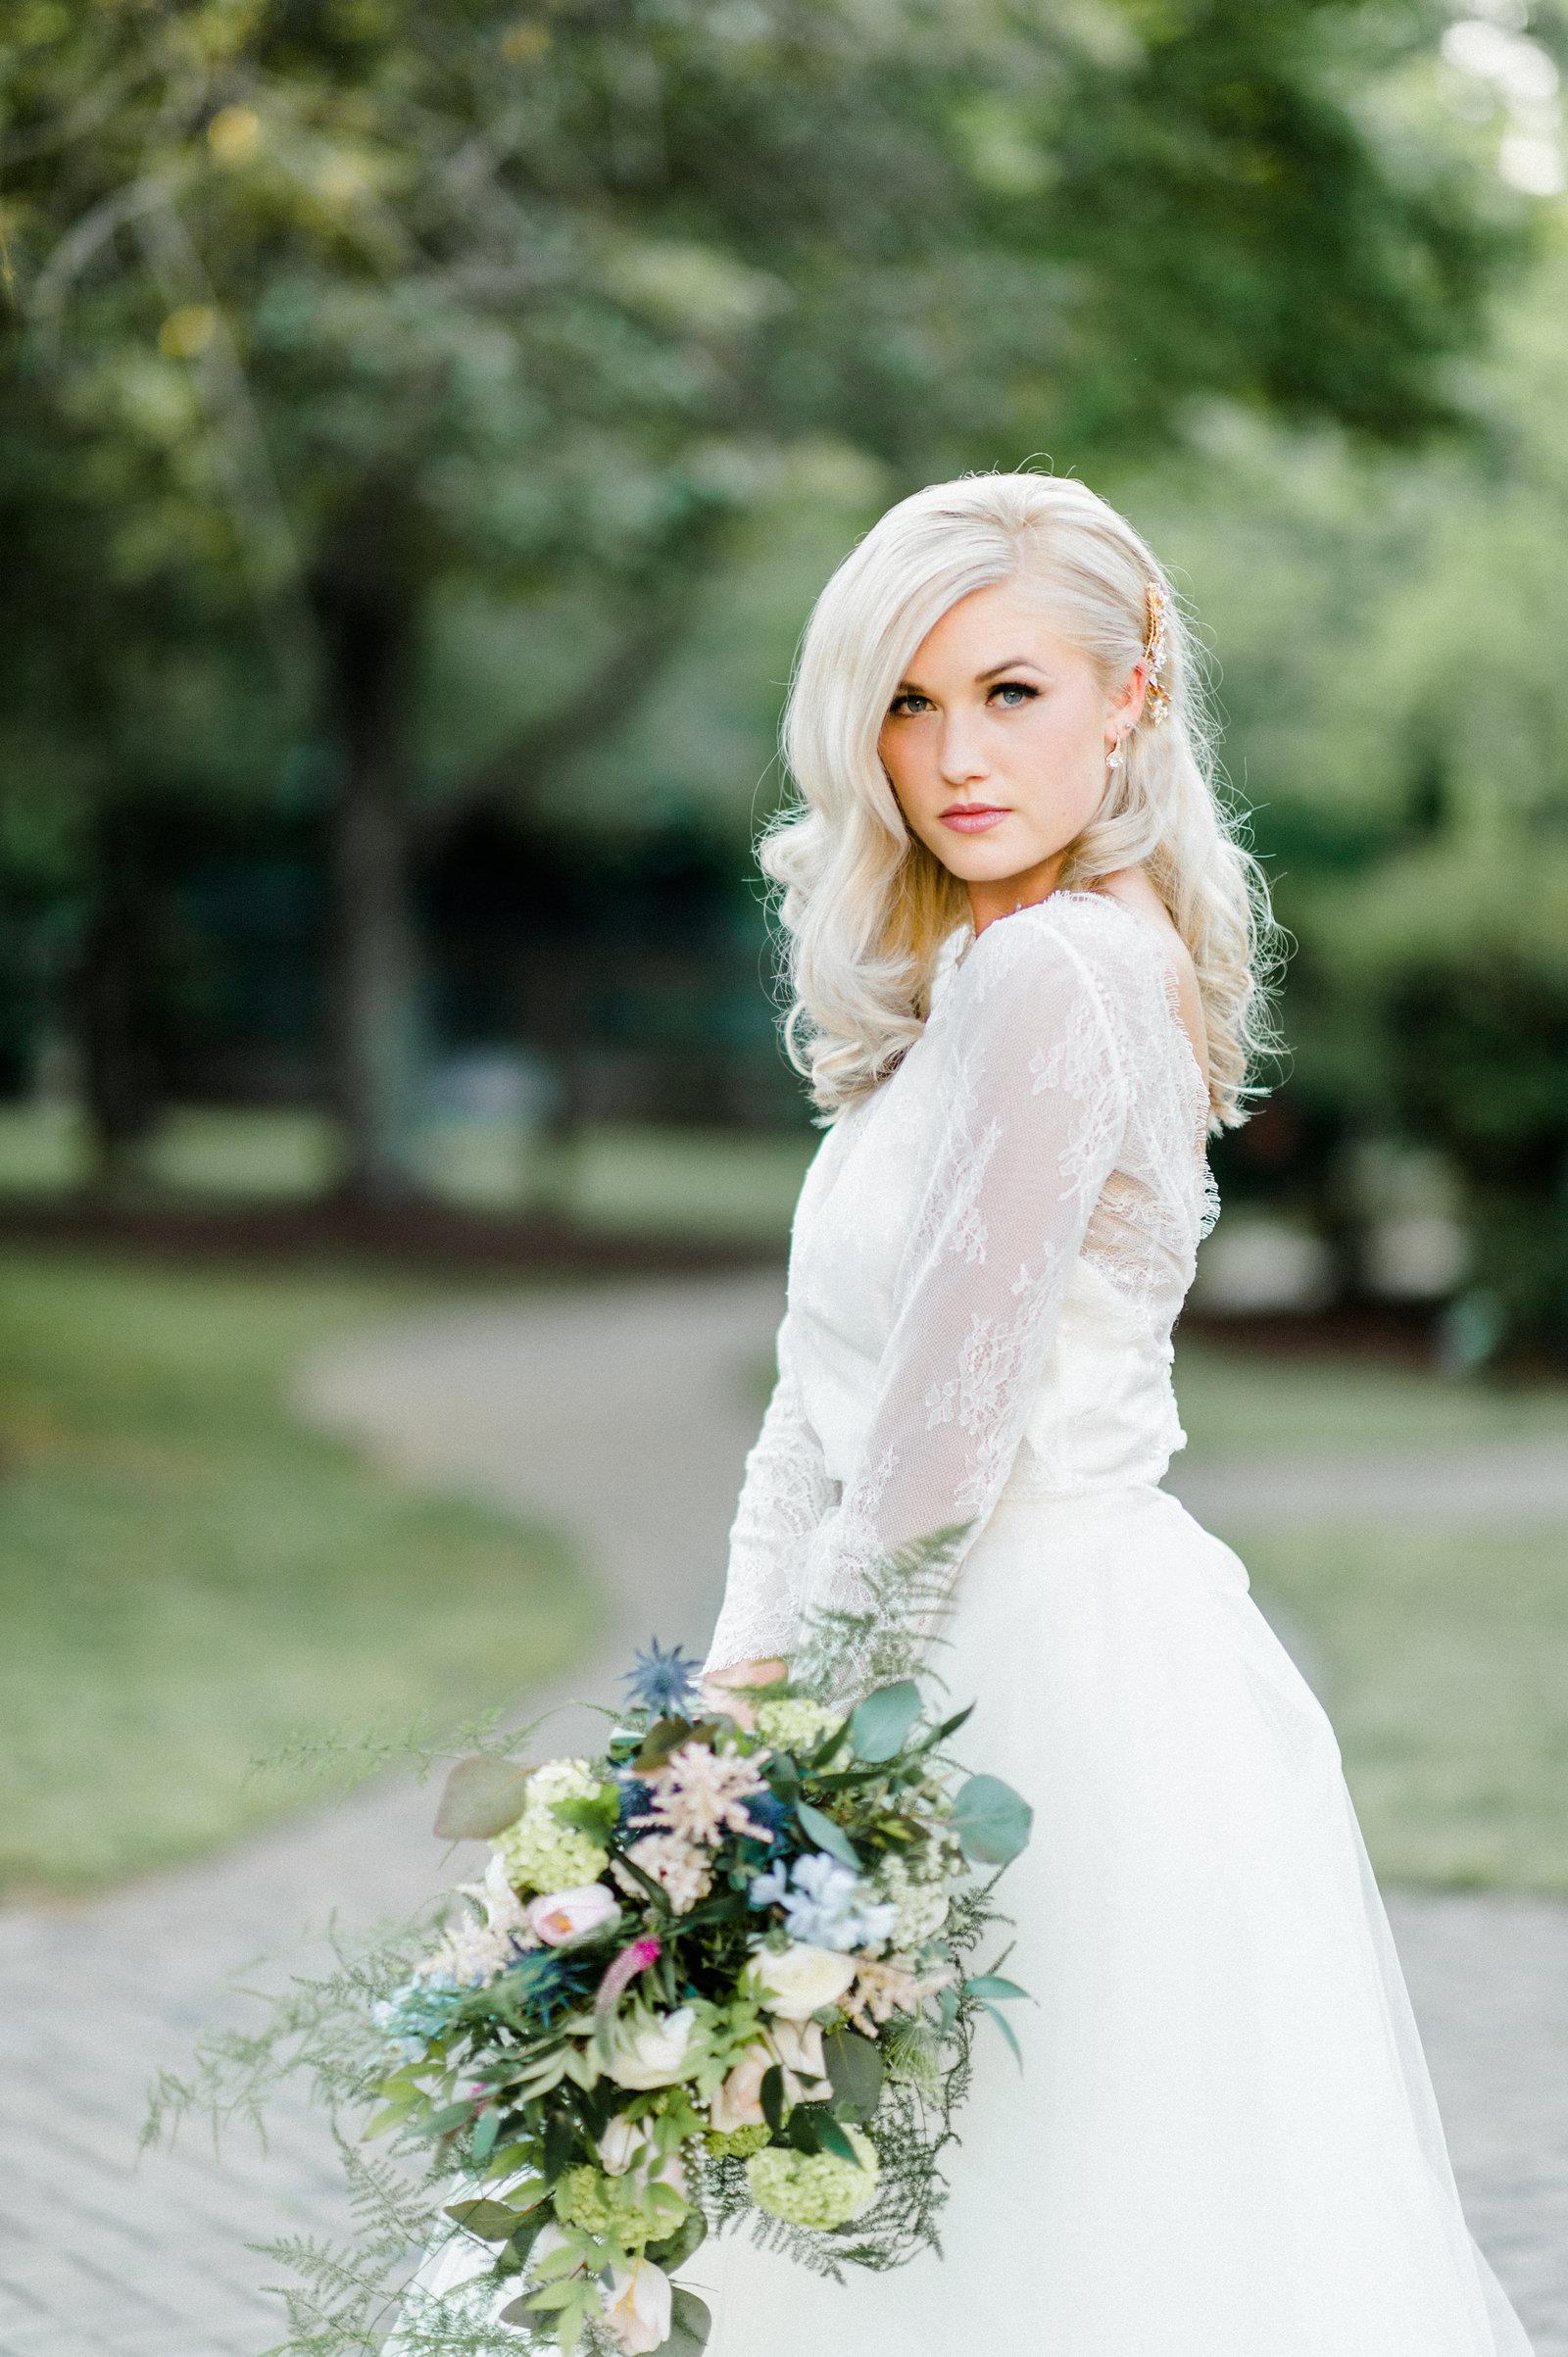 CarolineLimaPhotography_TheSutherland_Editorial_2016_248